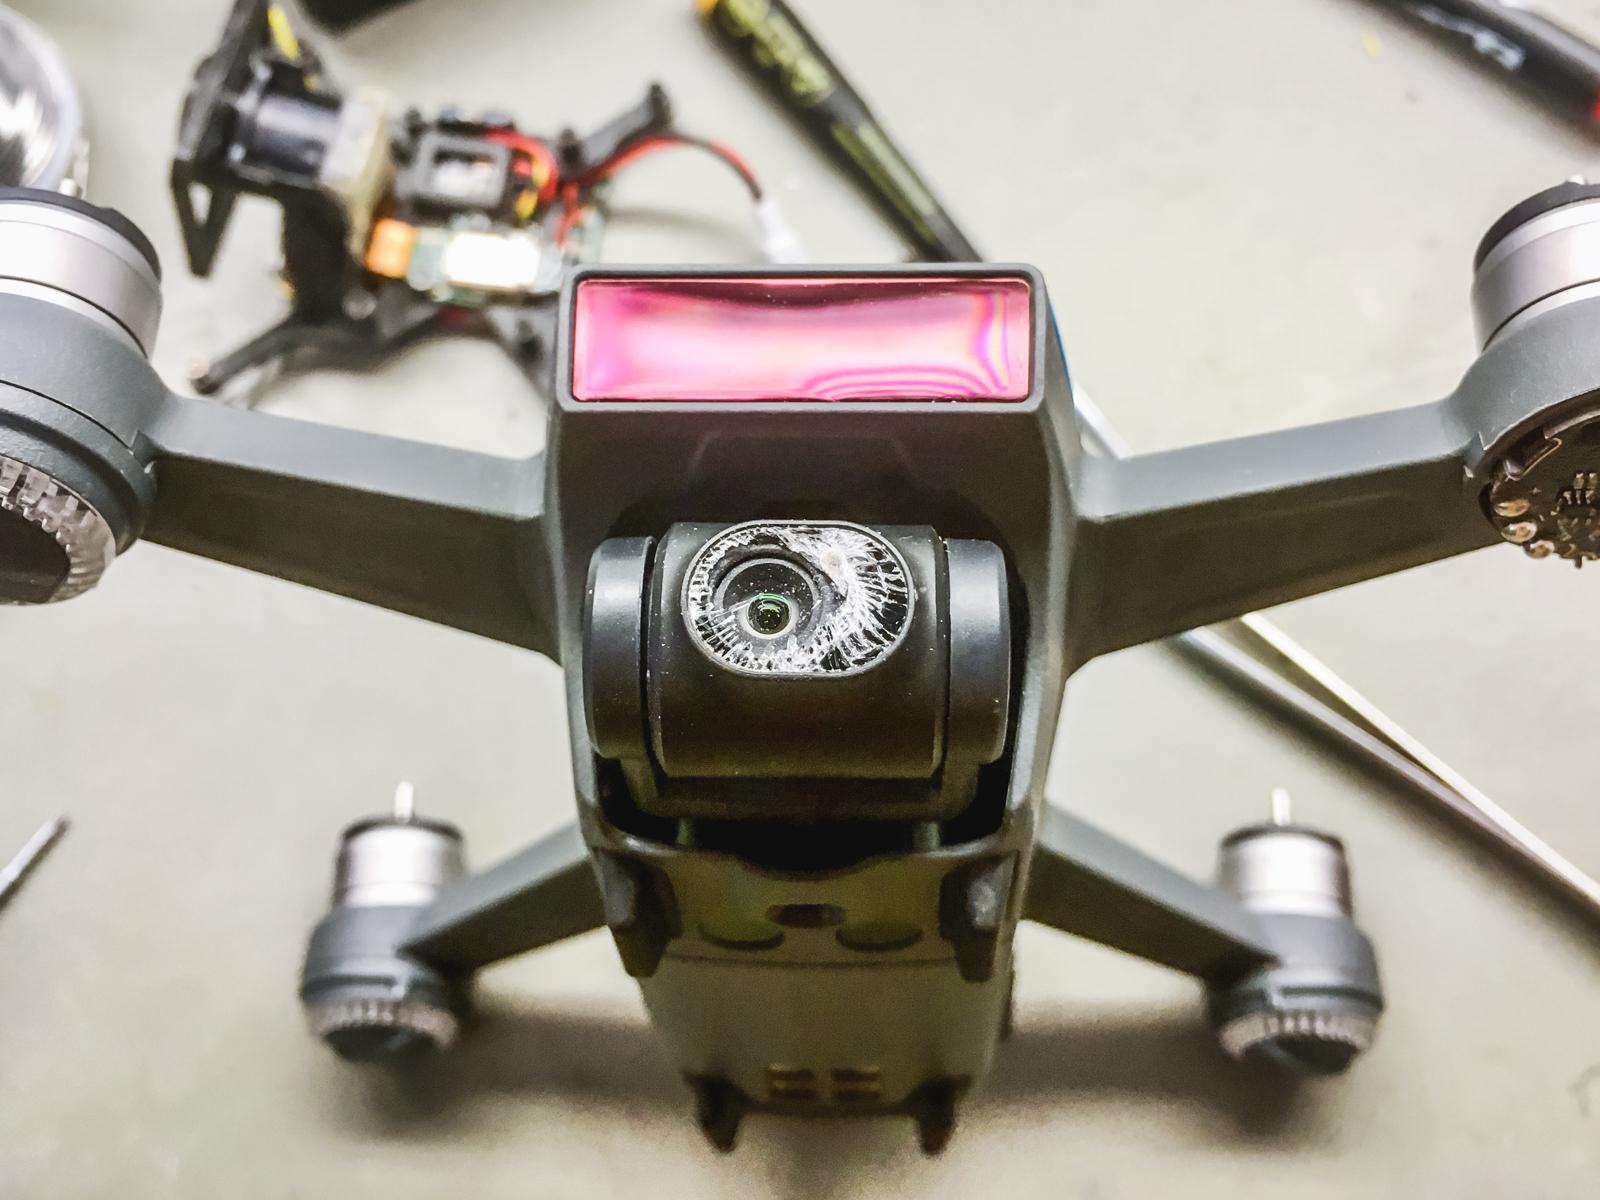 Még ennél is rosszabbul nézett ki a kameramodul, amikor megkaptam a drónt